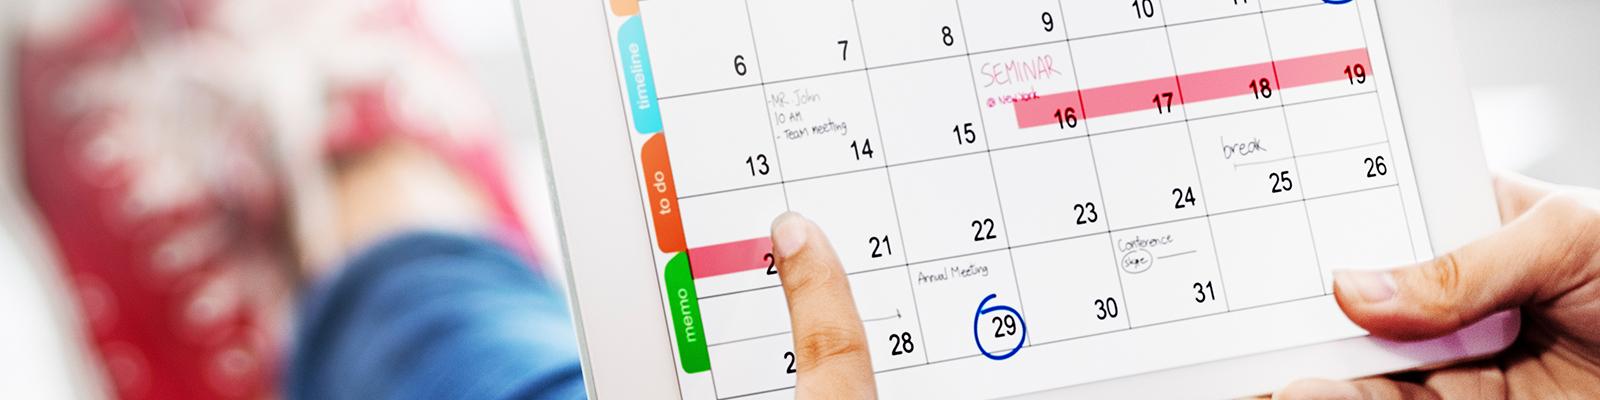 Ggc Calendar 2021   Huts Calendar throughout Uga School Calendar